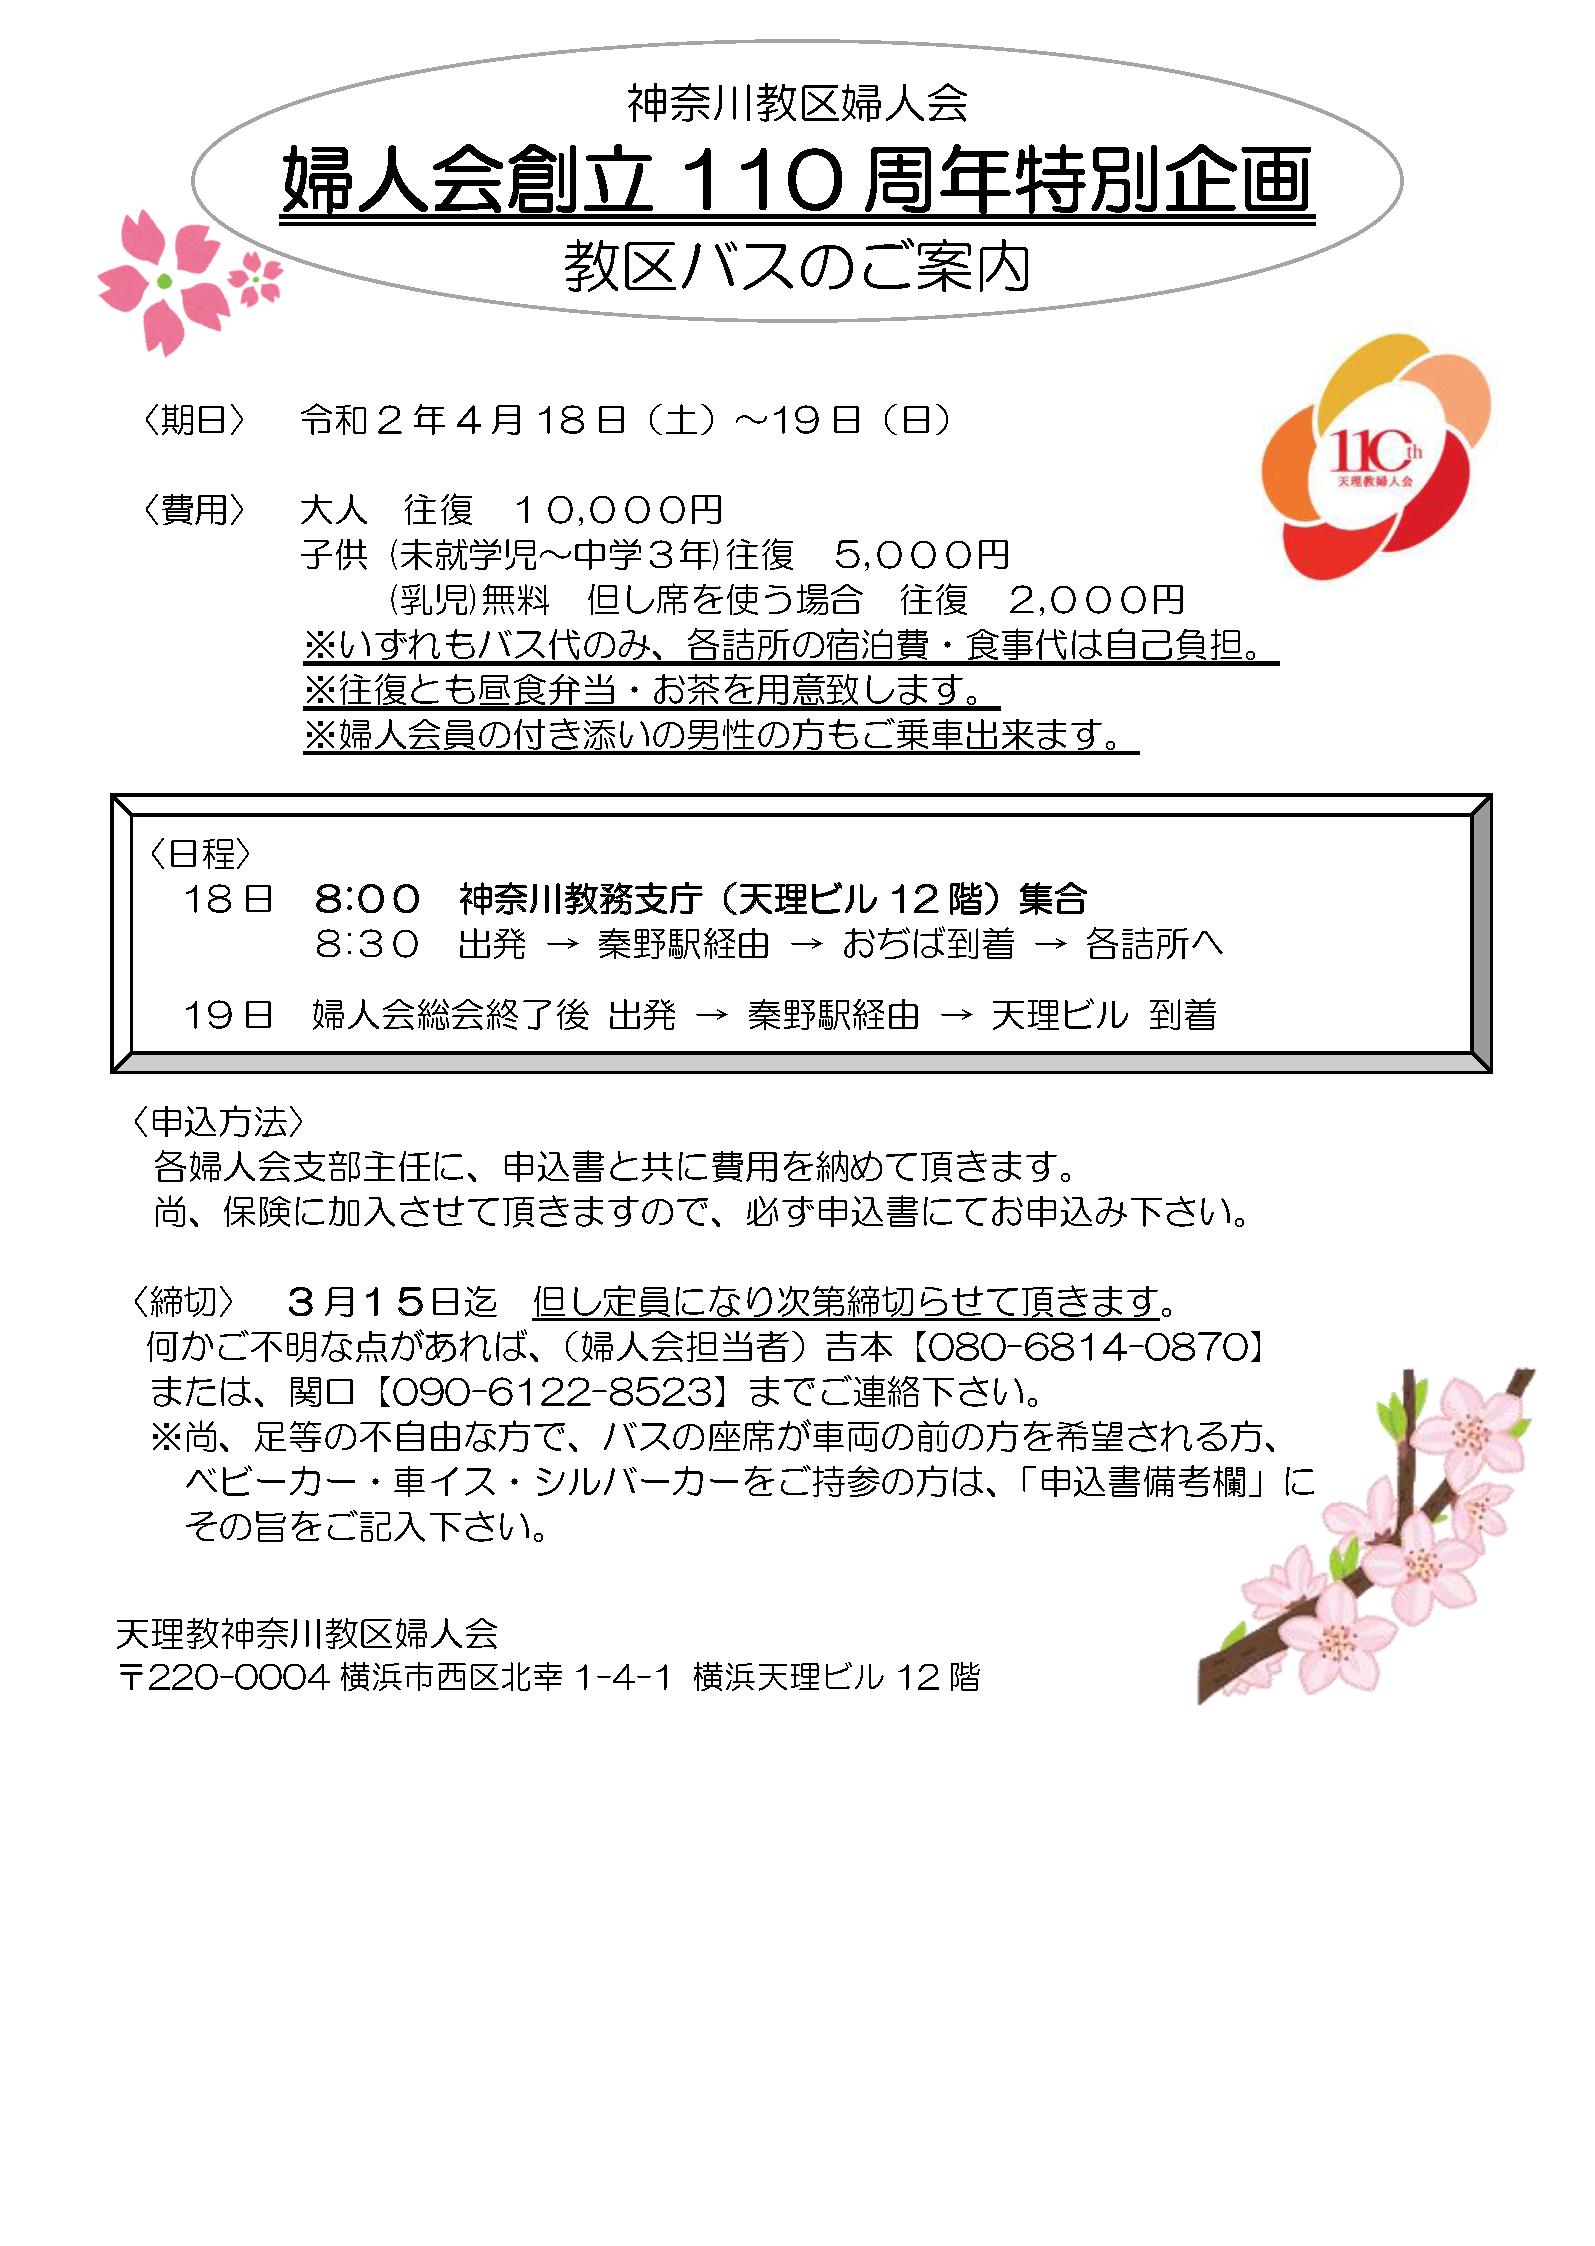 2020/4/18~19 婦人会創立110周年記念特別企画イメージ